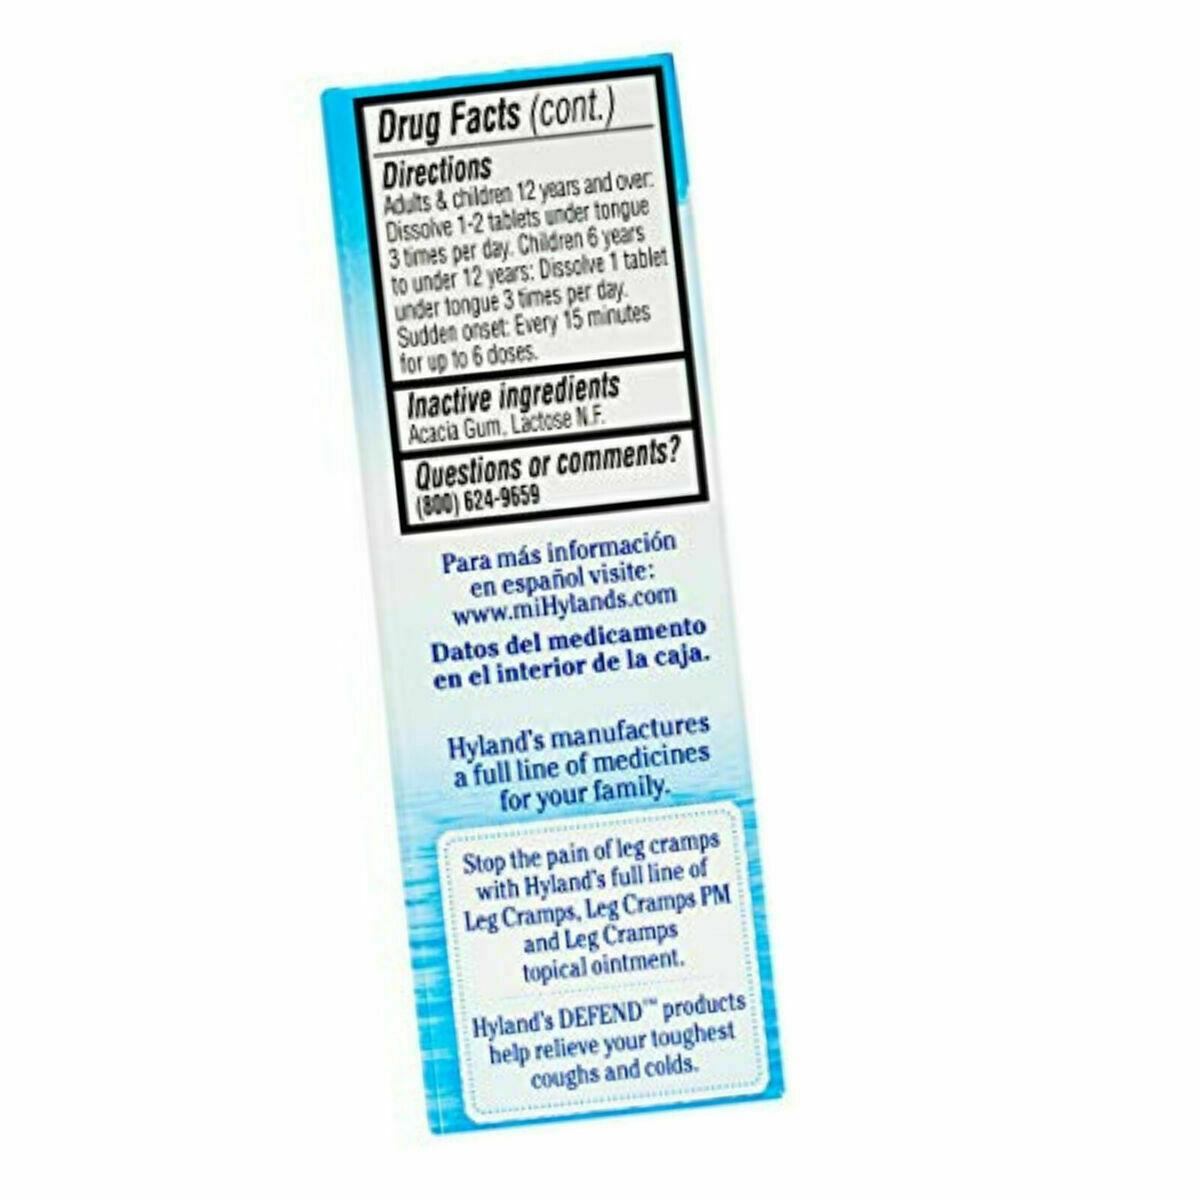 Pastillas Para Los Nervios Tratamiento Anti Estres Suplementos Aliviar Ansiedad 2